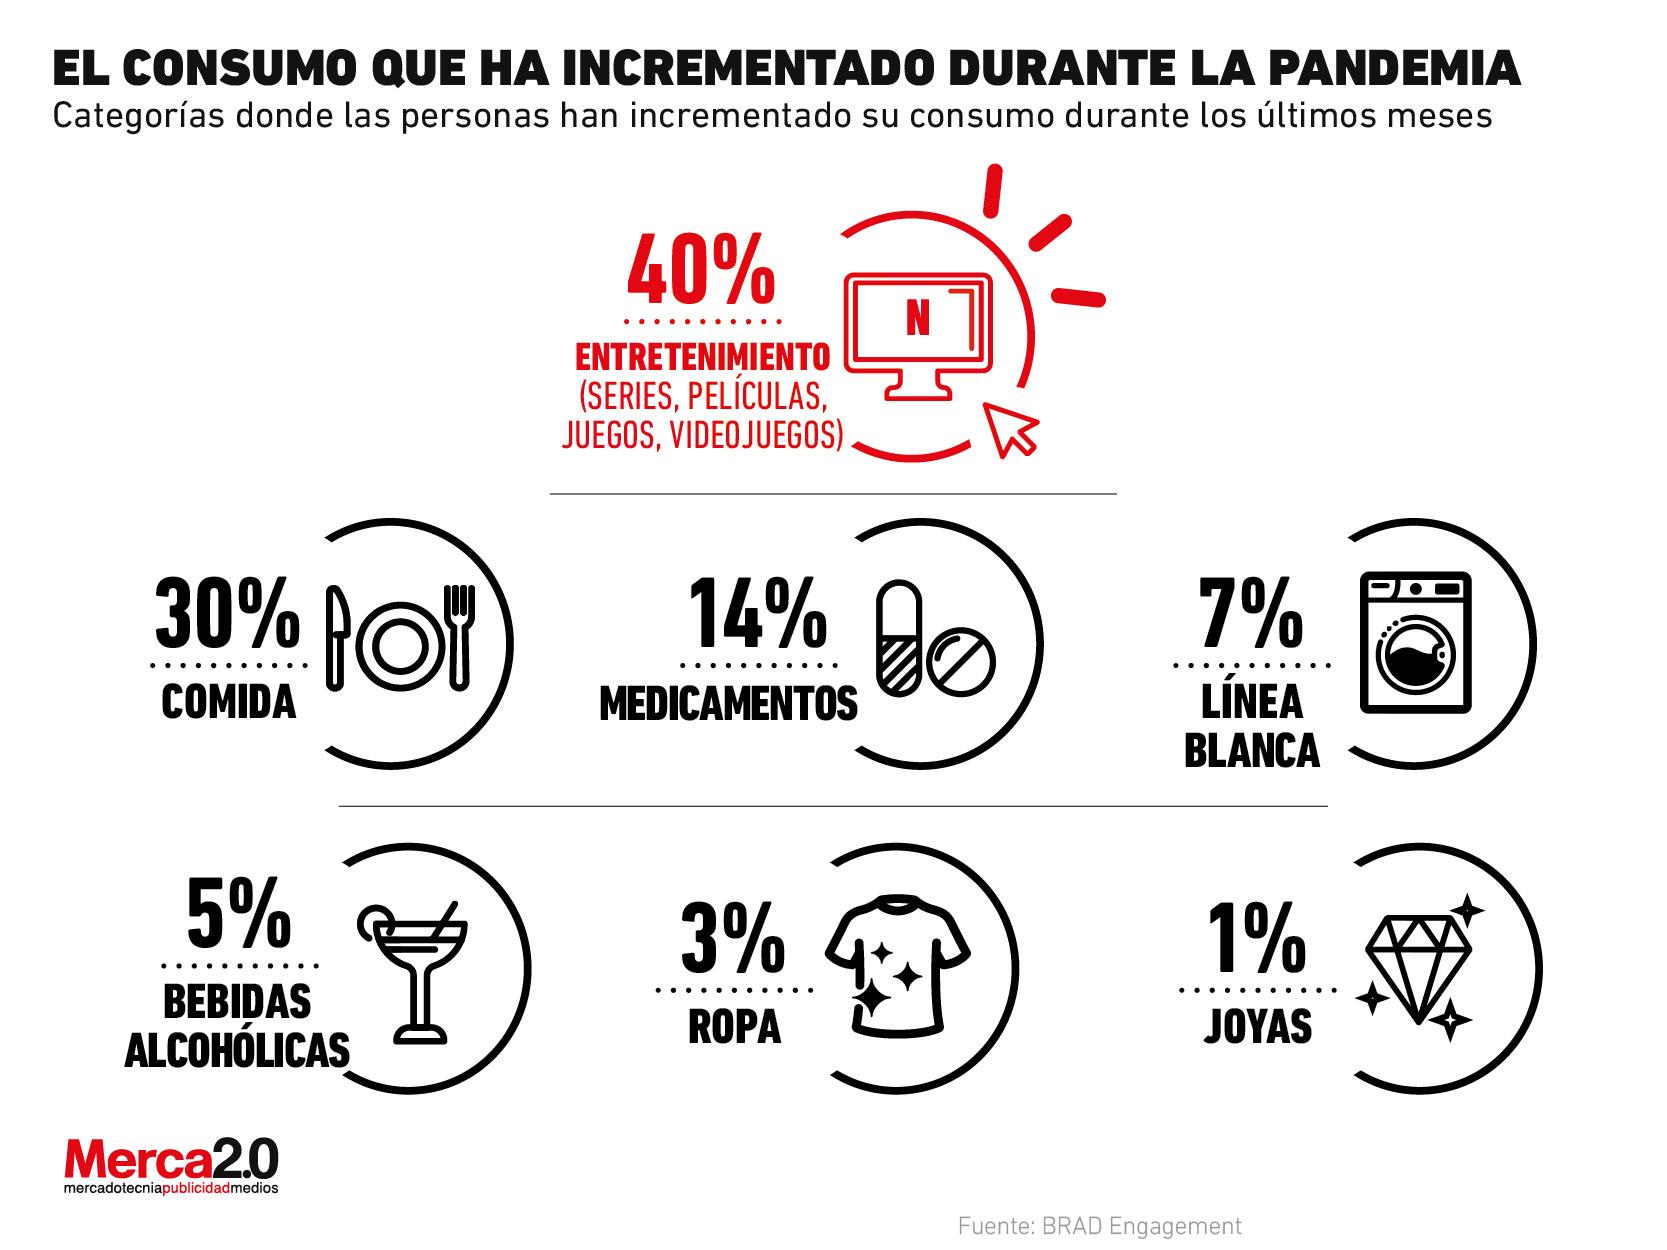 Estas son las categorías donde más ha crecido el consumo en medio de la pandemia